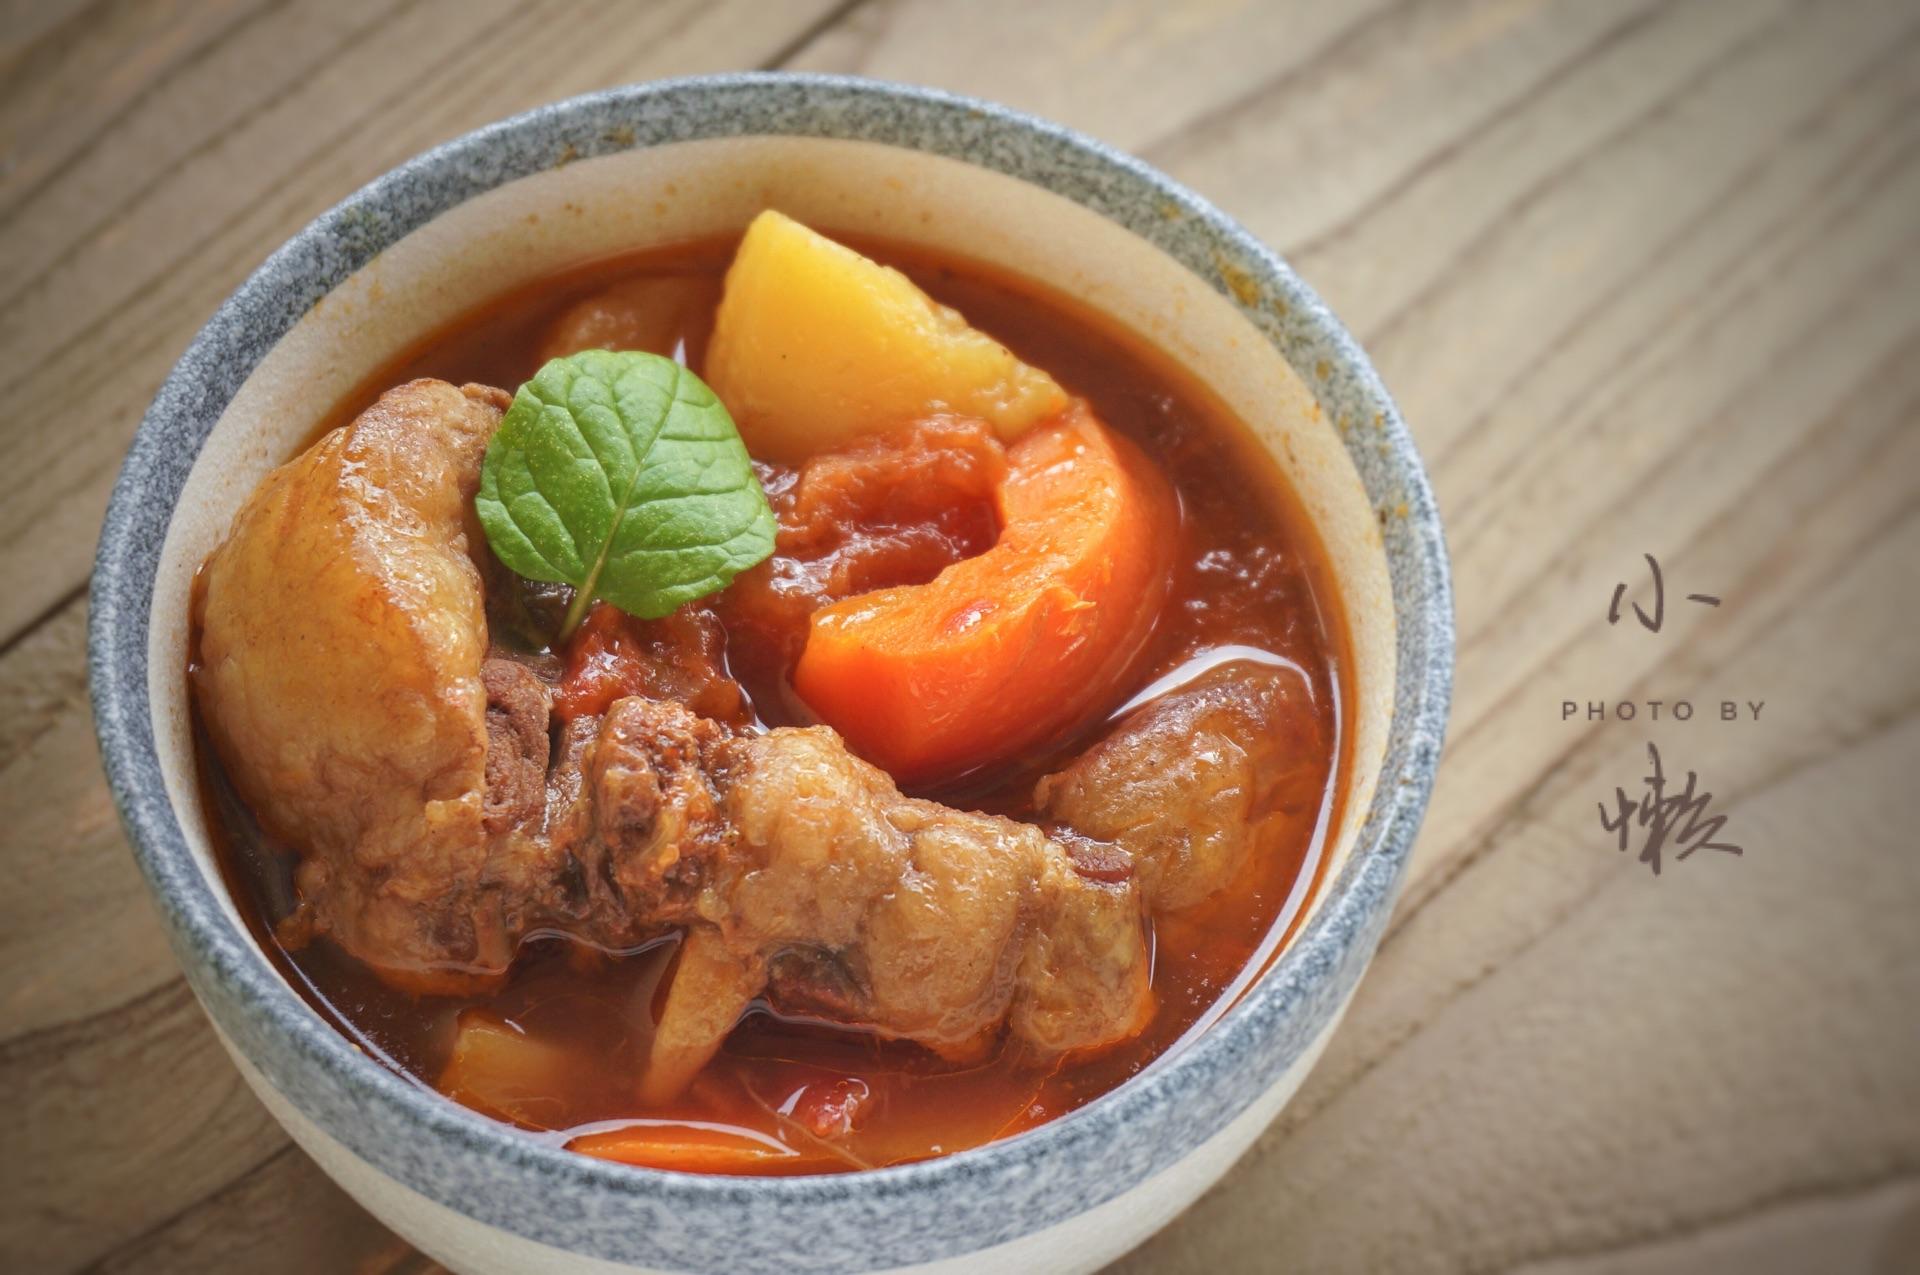 美食菜谱汤的牛尾_做法_豆果火锅牛肚子怎么煮番茄图片